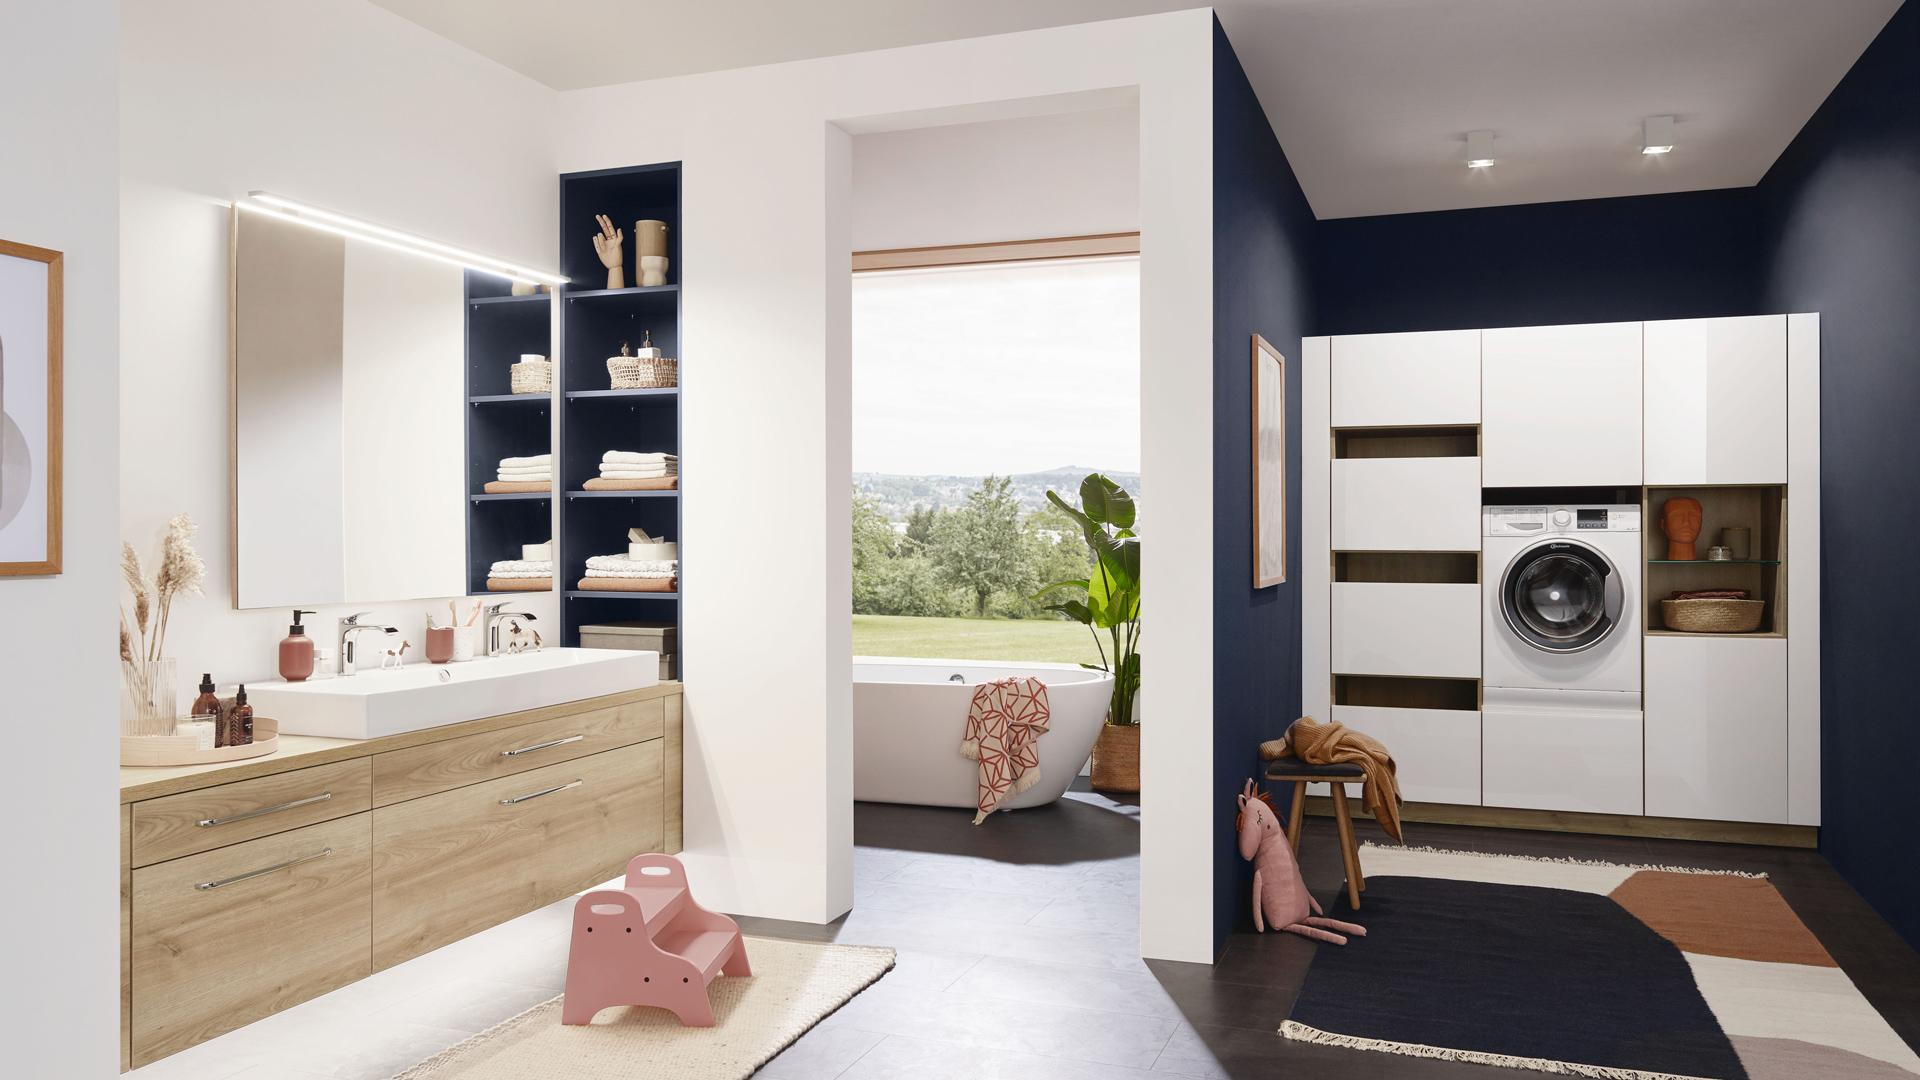 Bad: Bild zeigt Badezimmer mit integrierter Hauswirtschaftsecke